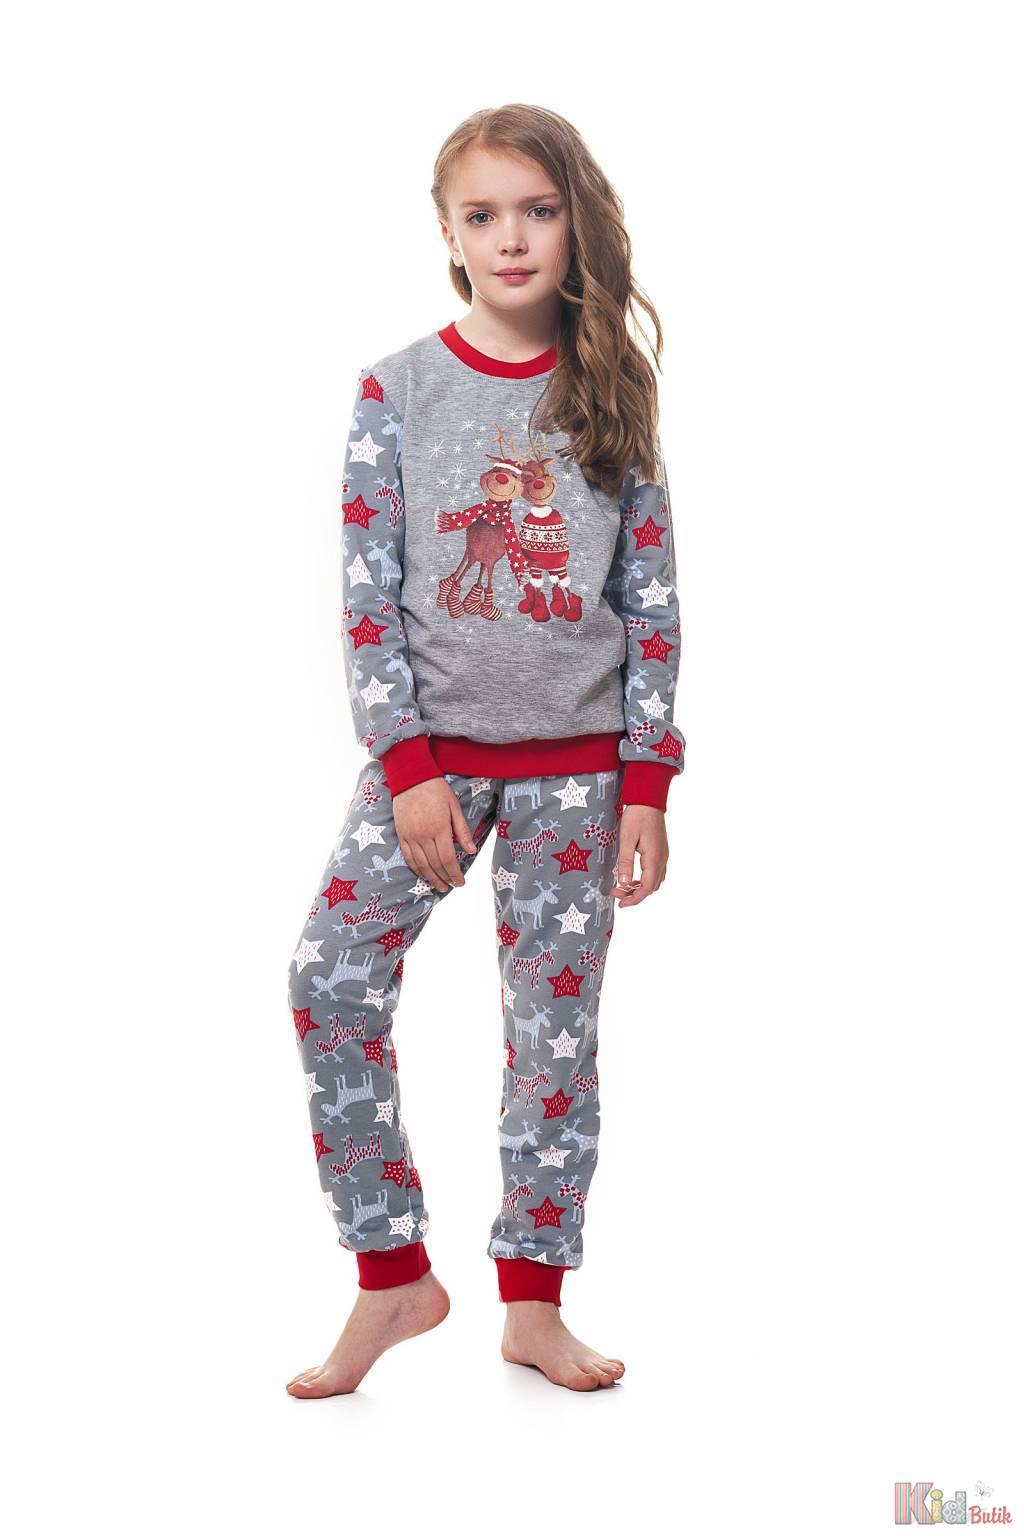 5686420a6cc9c ᐈ Пижамы для девочек ᐈ Купить в интернет магазине KidButik™ ➔ Выгодная цена!